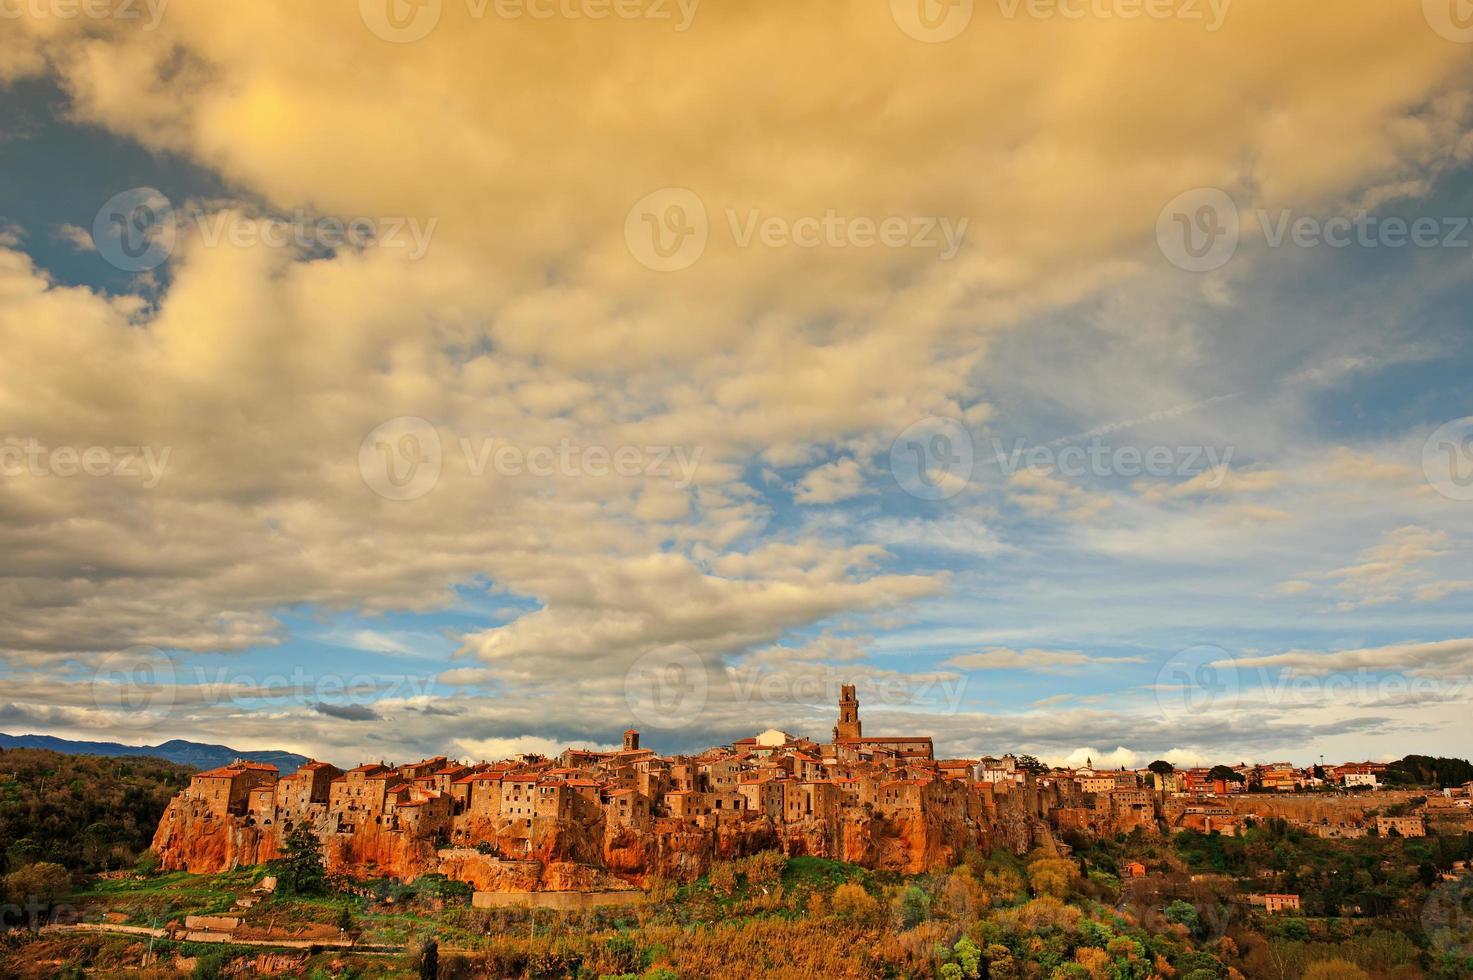 ville médiévale photo